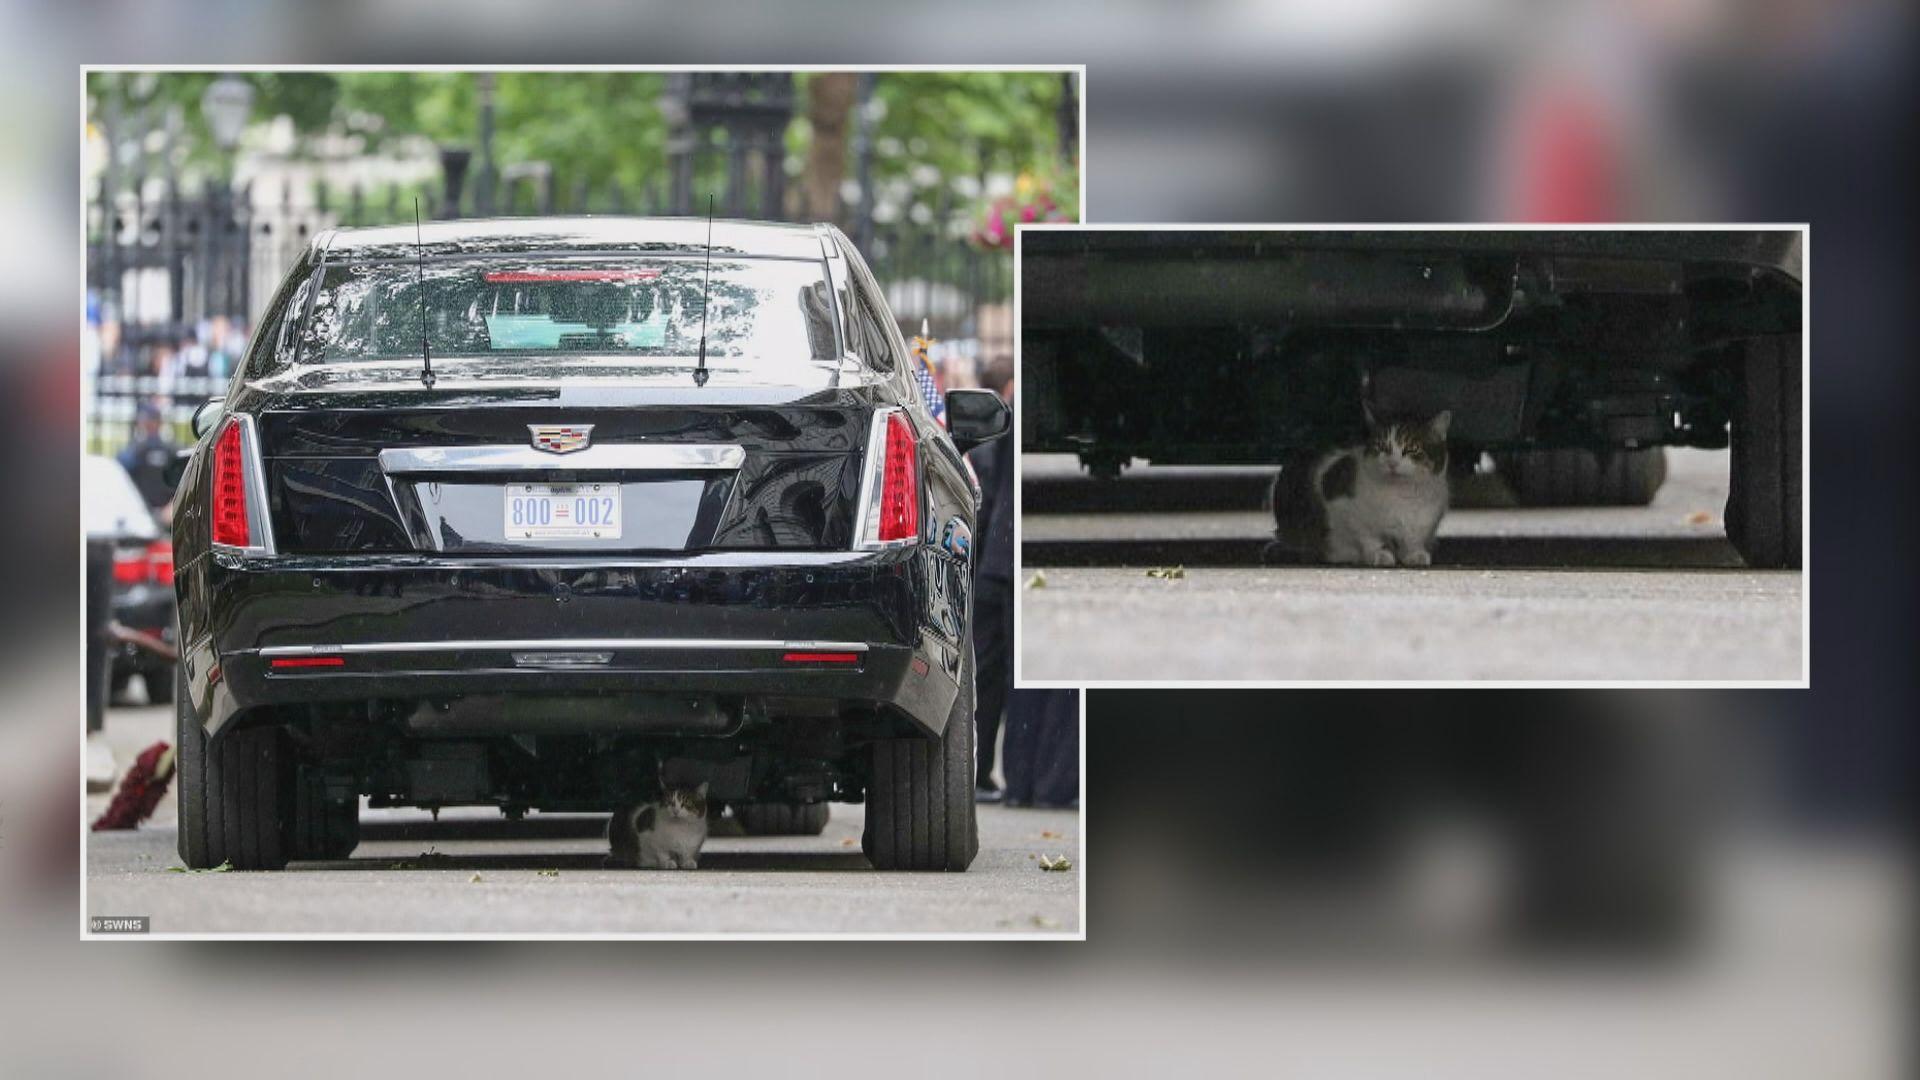 【環球薈報】捕鼠大臣為避雨阻特朗普行程